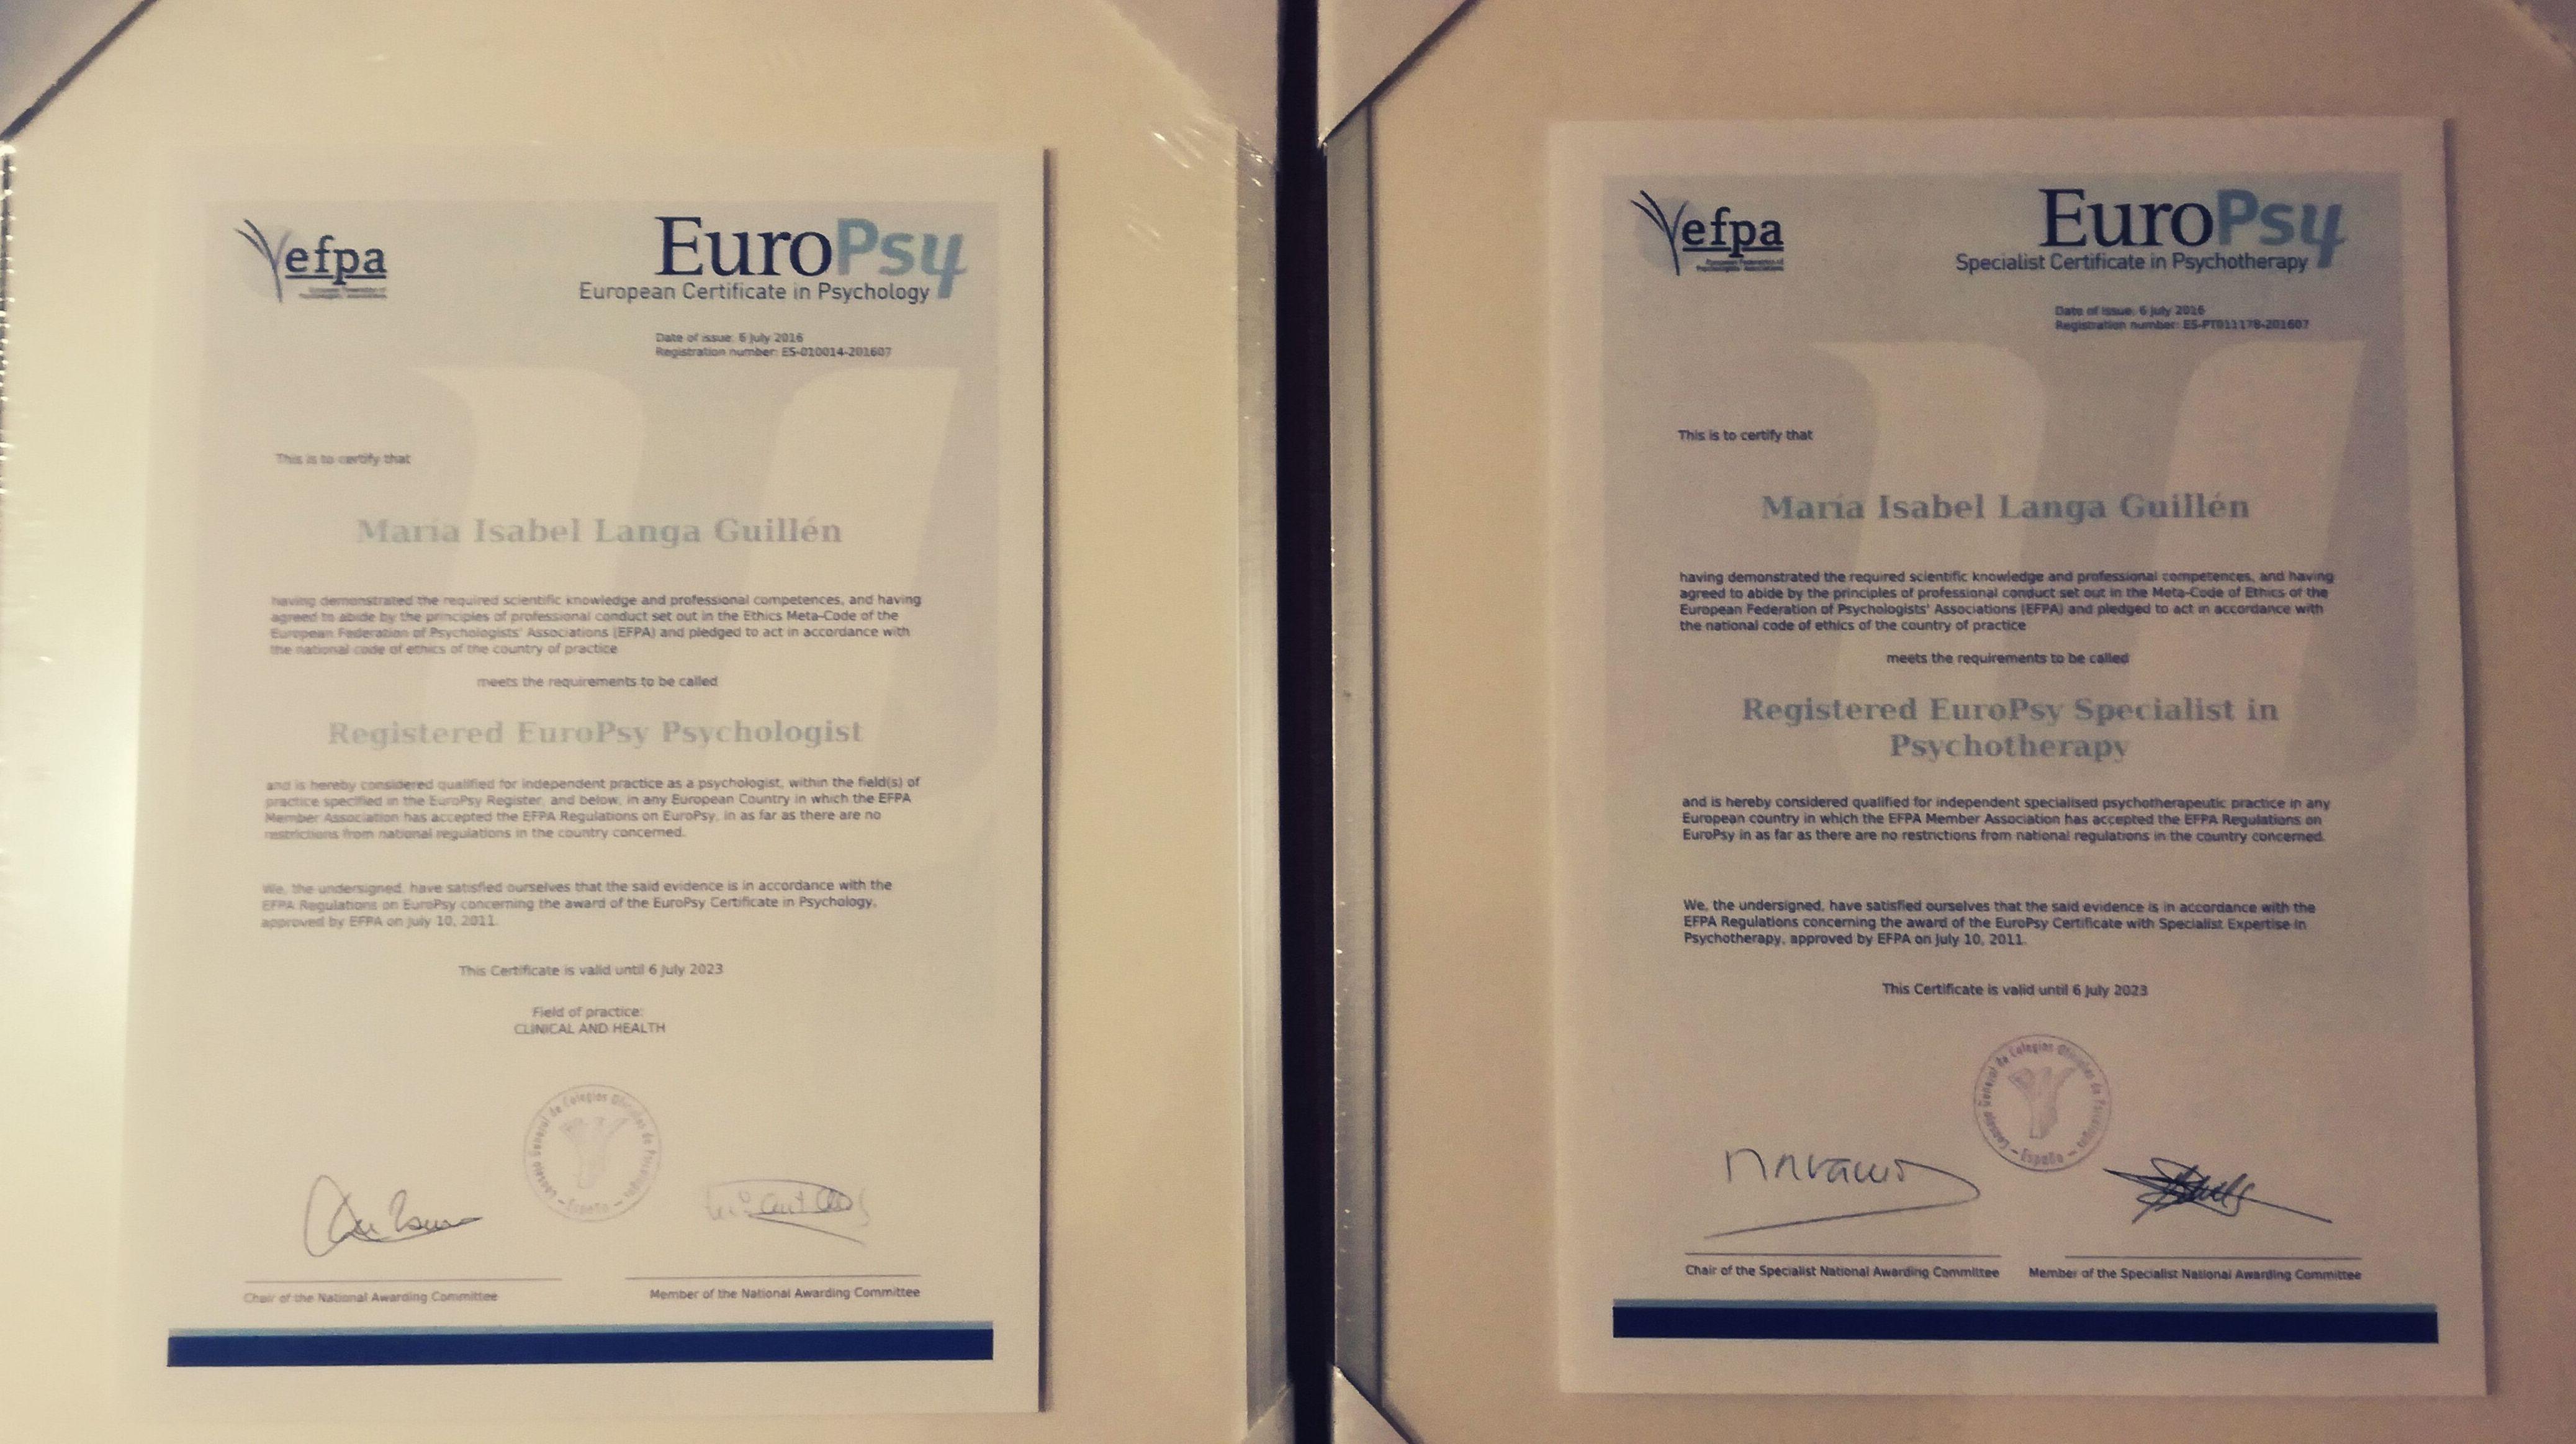 Certificado Europeo de Especialista en Psicoterapia y Certificado Europeo en Psicología